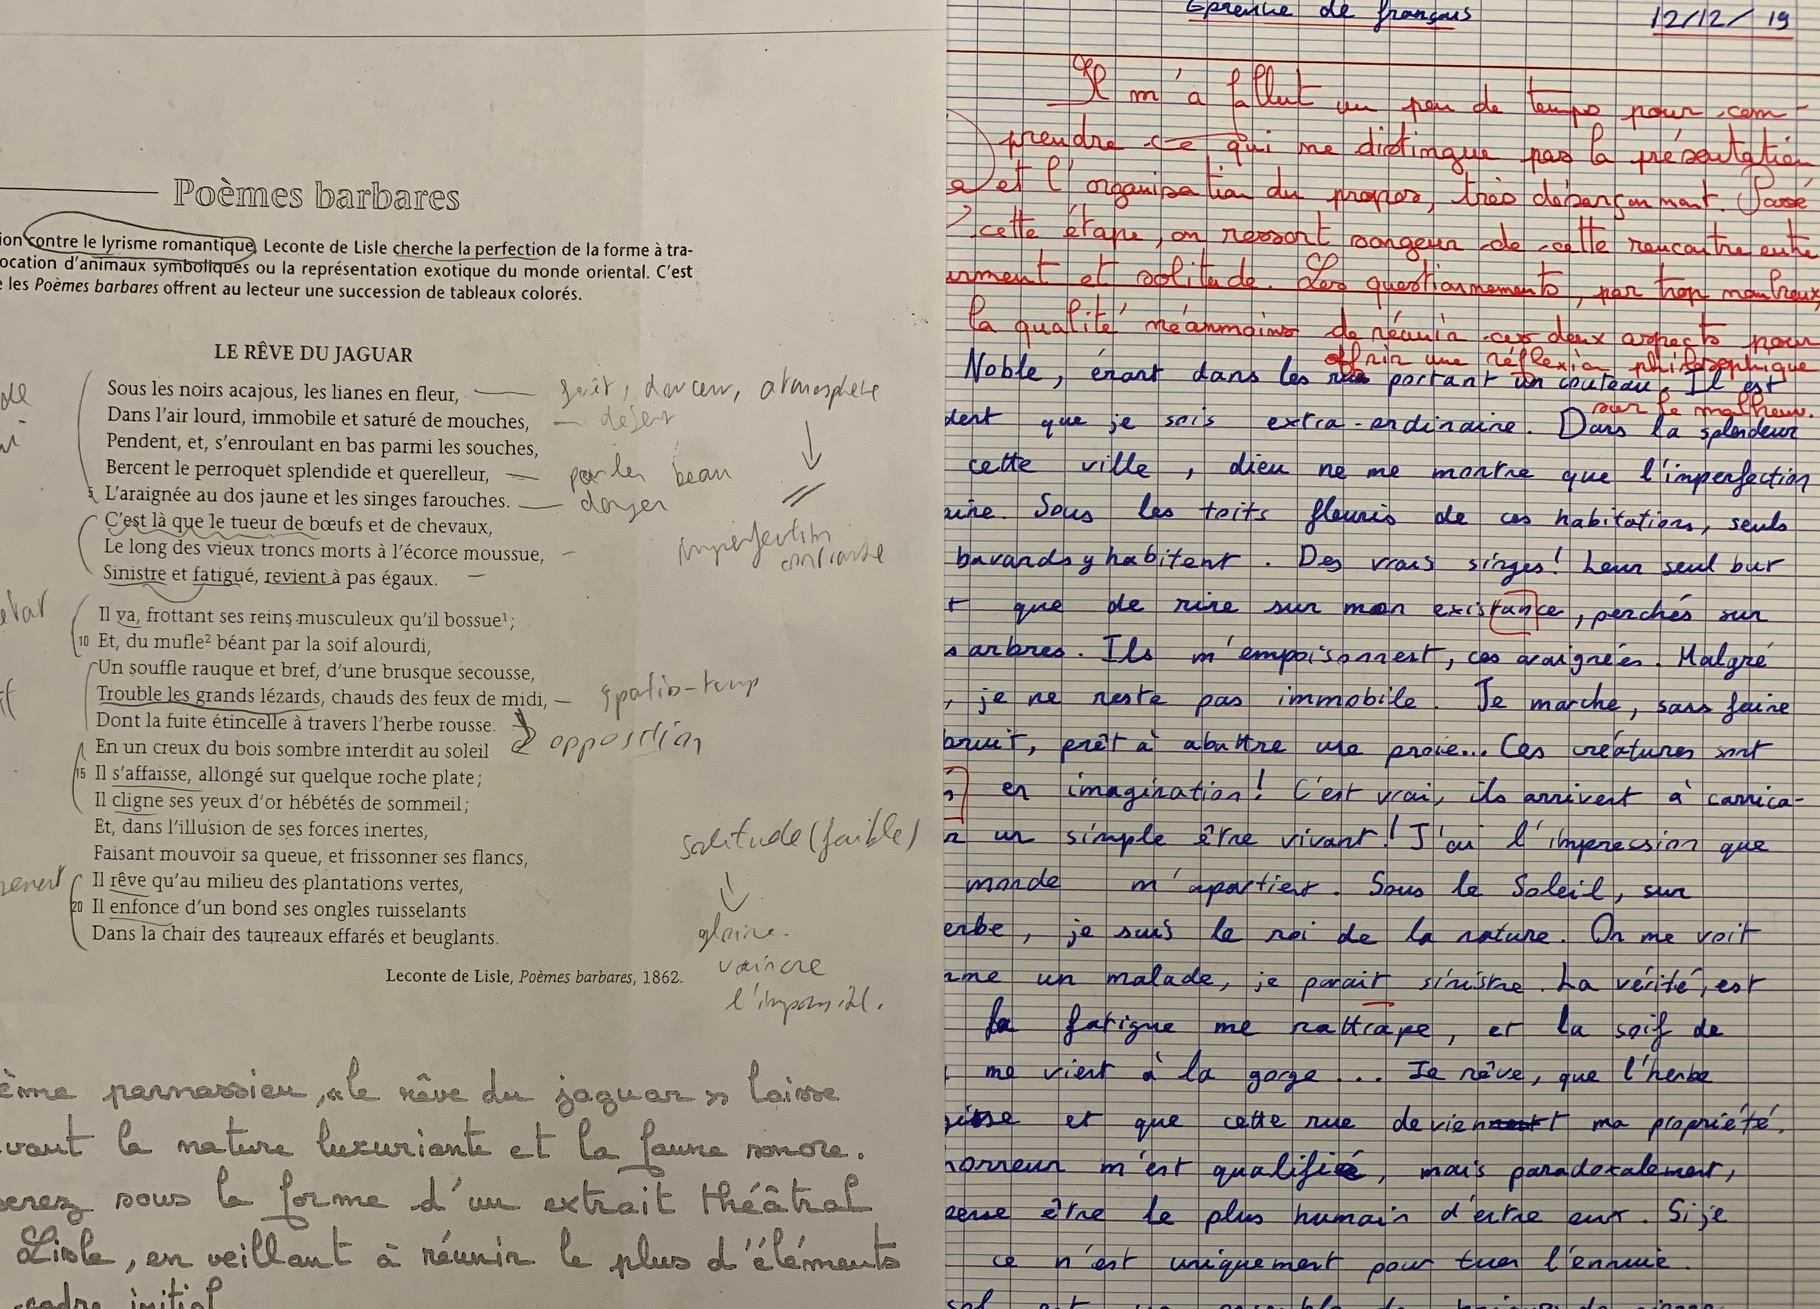 滞仏日記・続「試験結果と将来のこと、父子の立ち話」